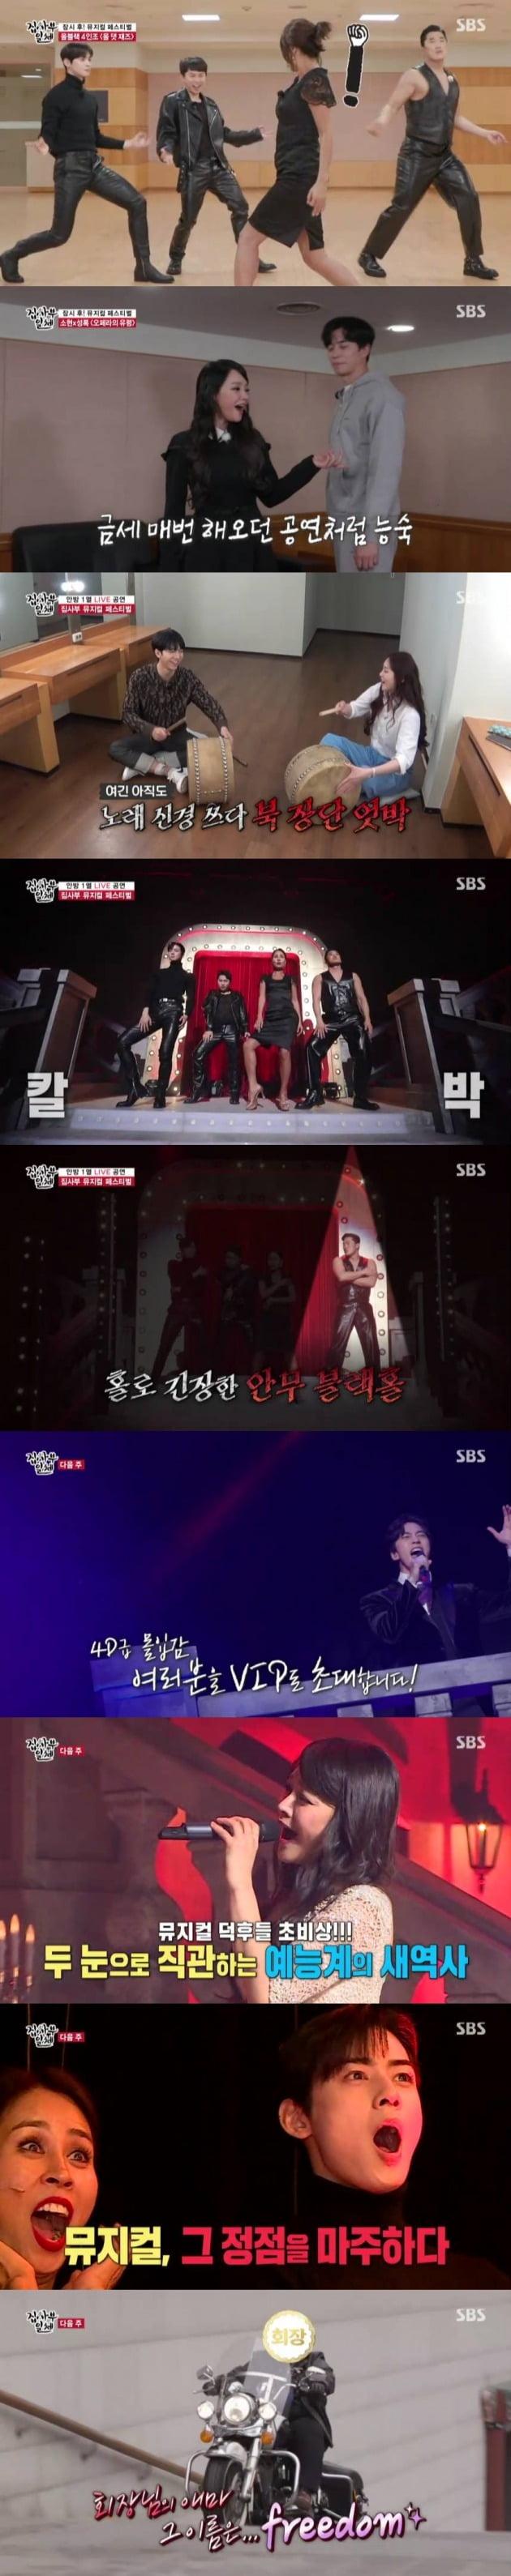 뮤지컬 디바 최정원, 김소현, 차지연이 '집사부일체' 사부로 등장했다. / 사진제공=SBS